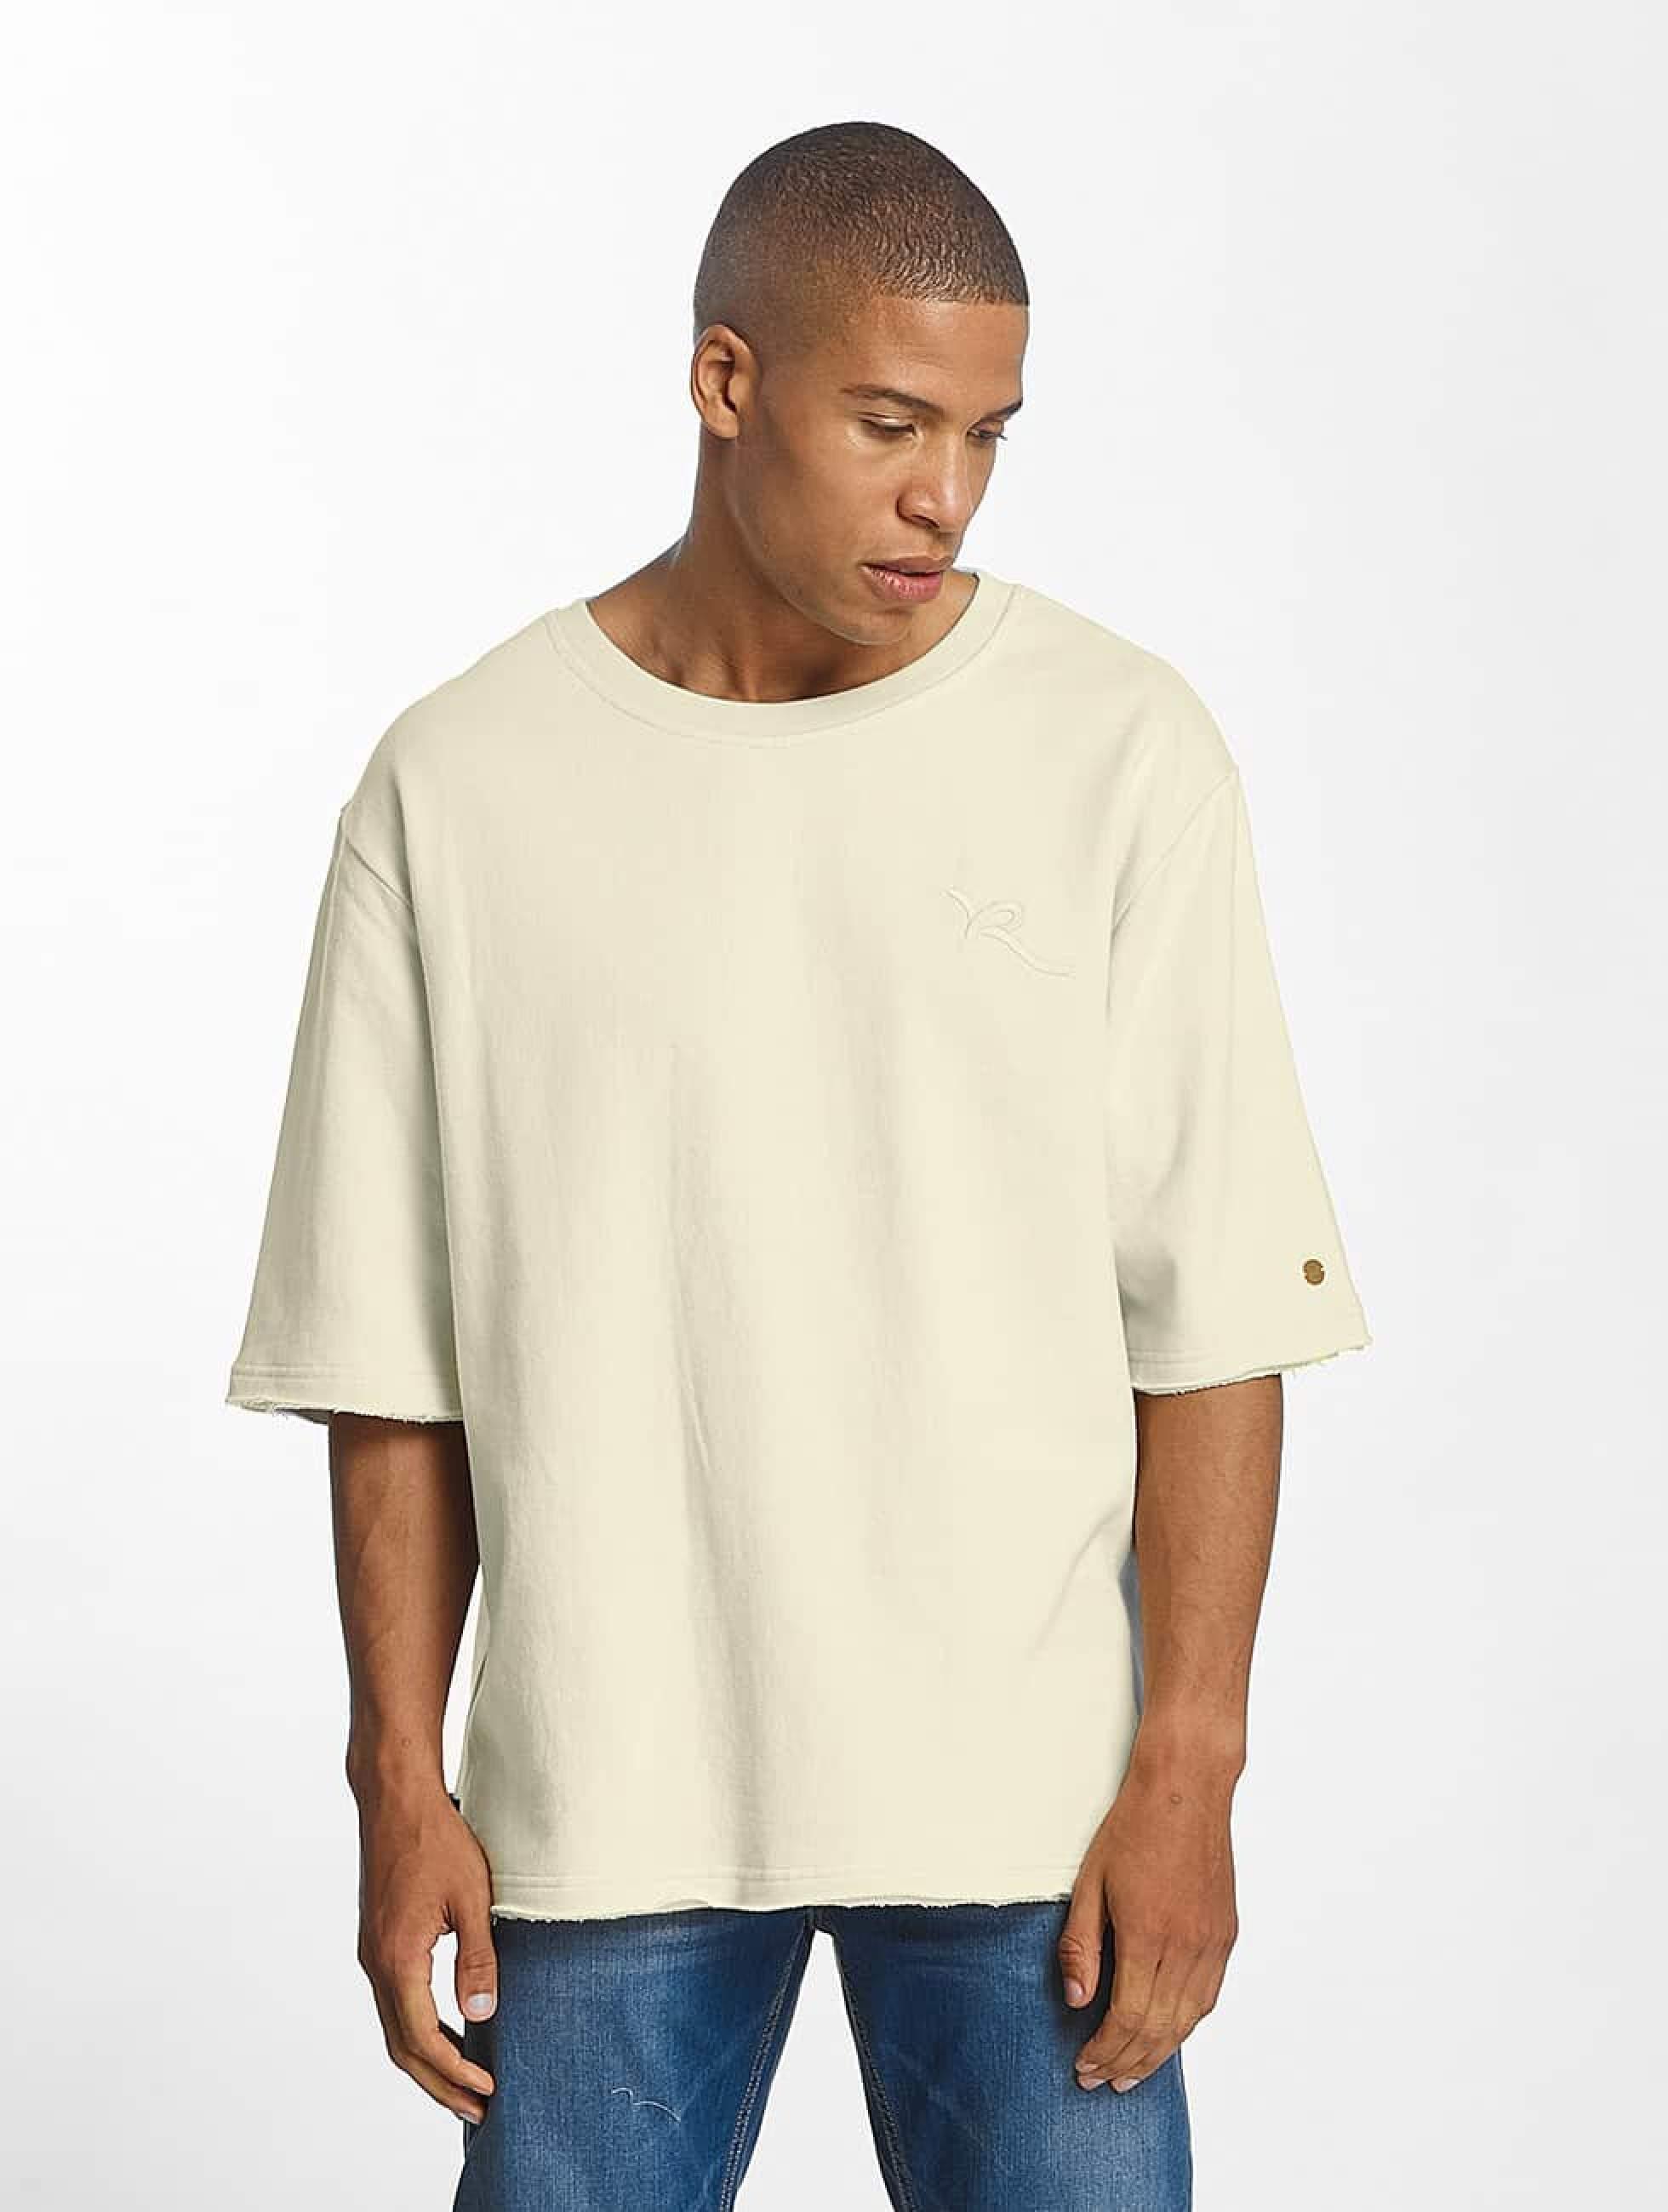 Rocawear / Jumper Oversized in beige S